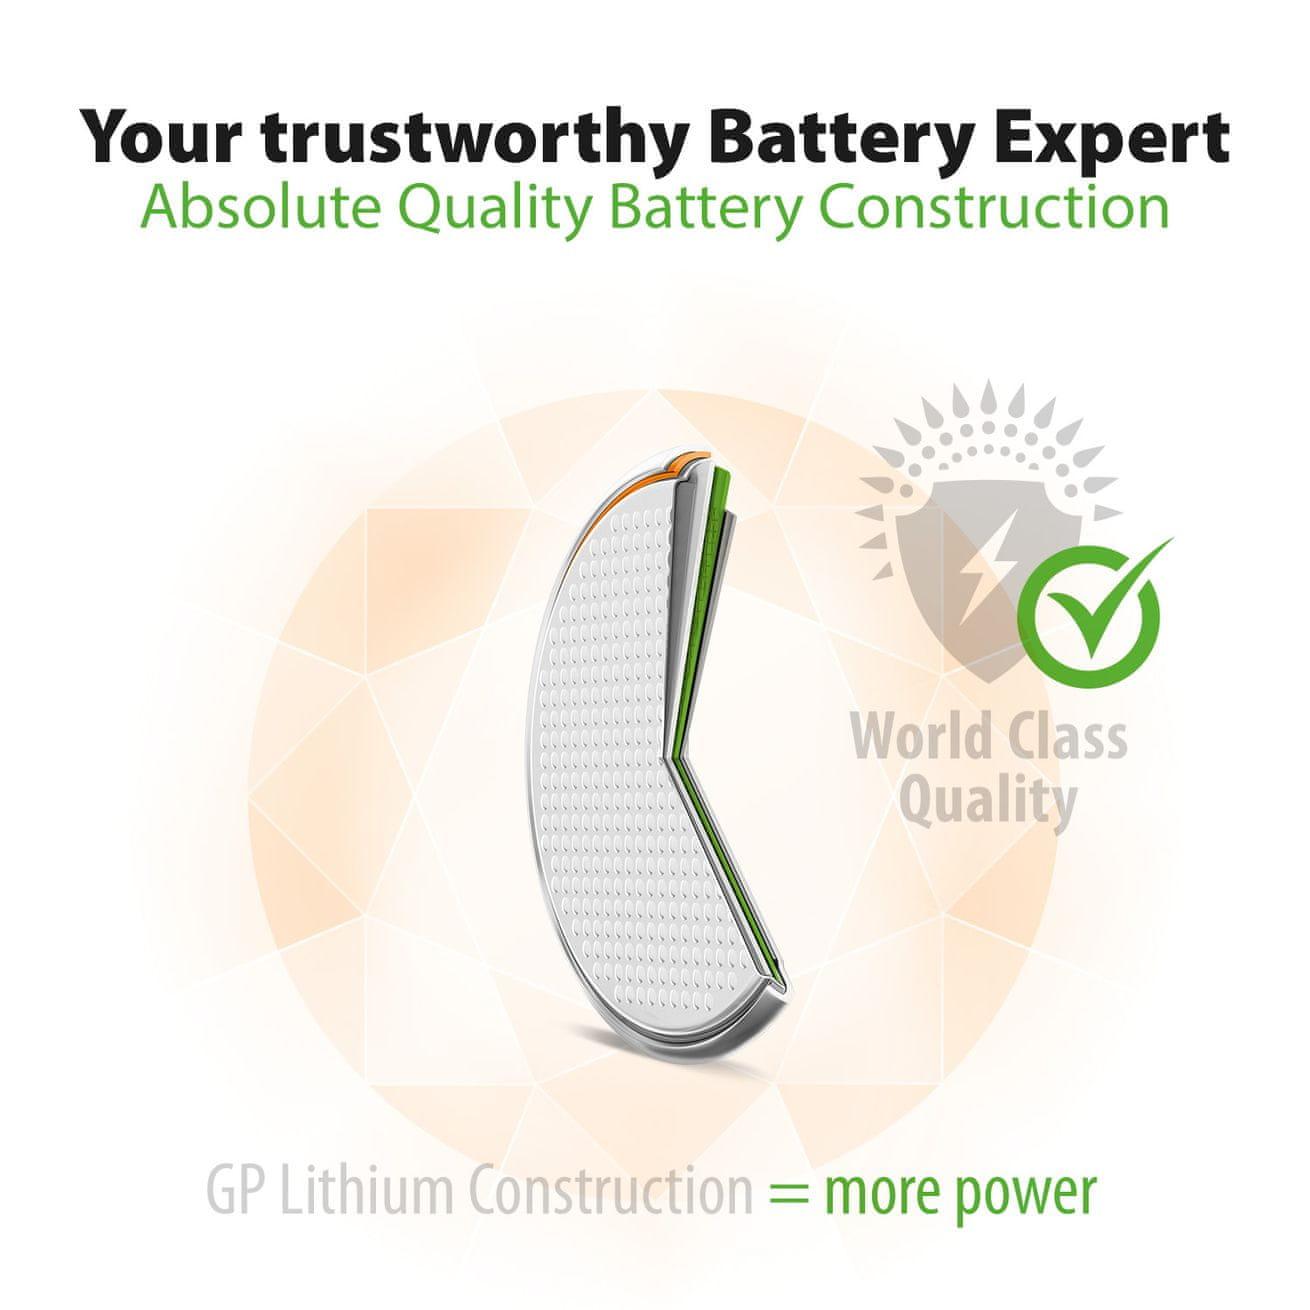 Od strokovnjakov za baterije